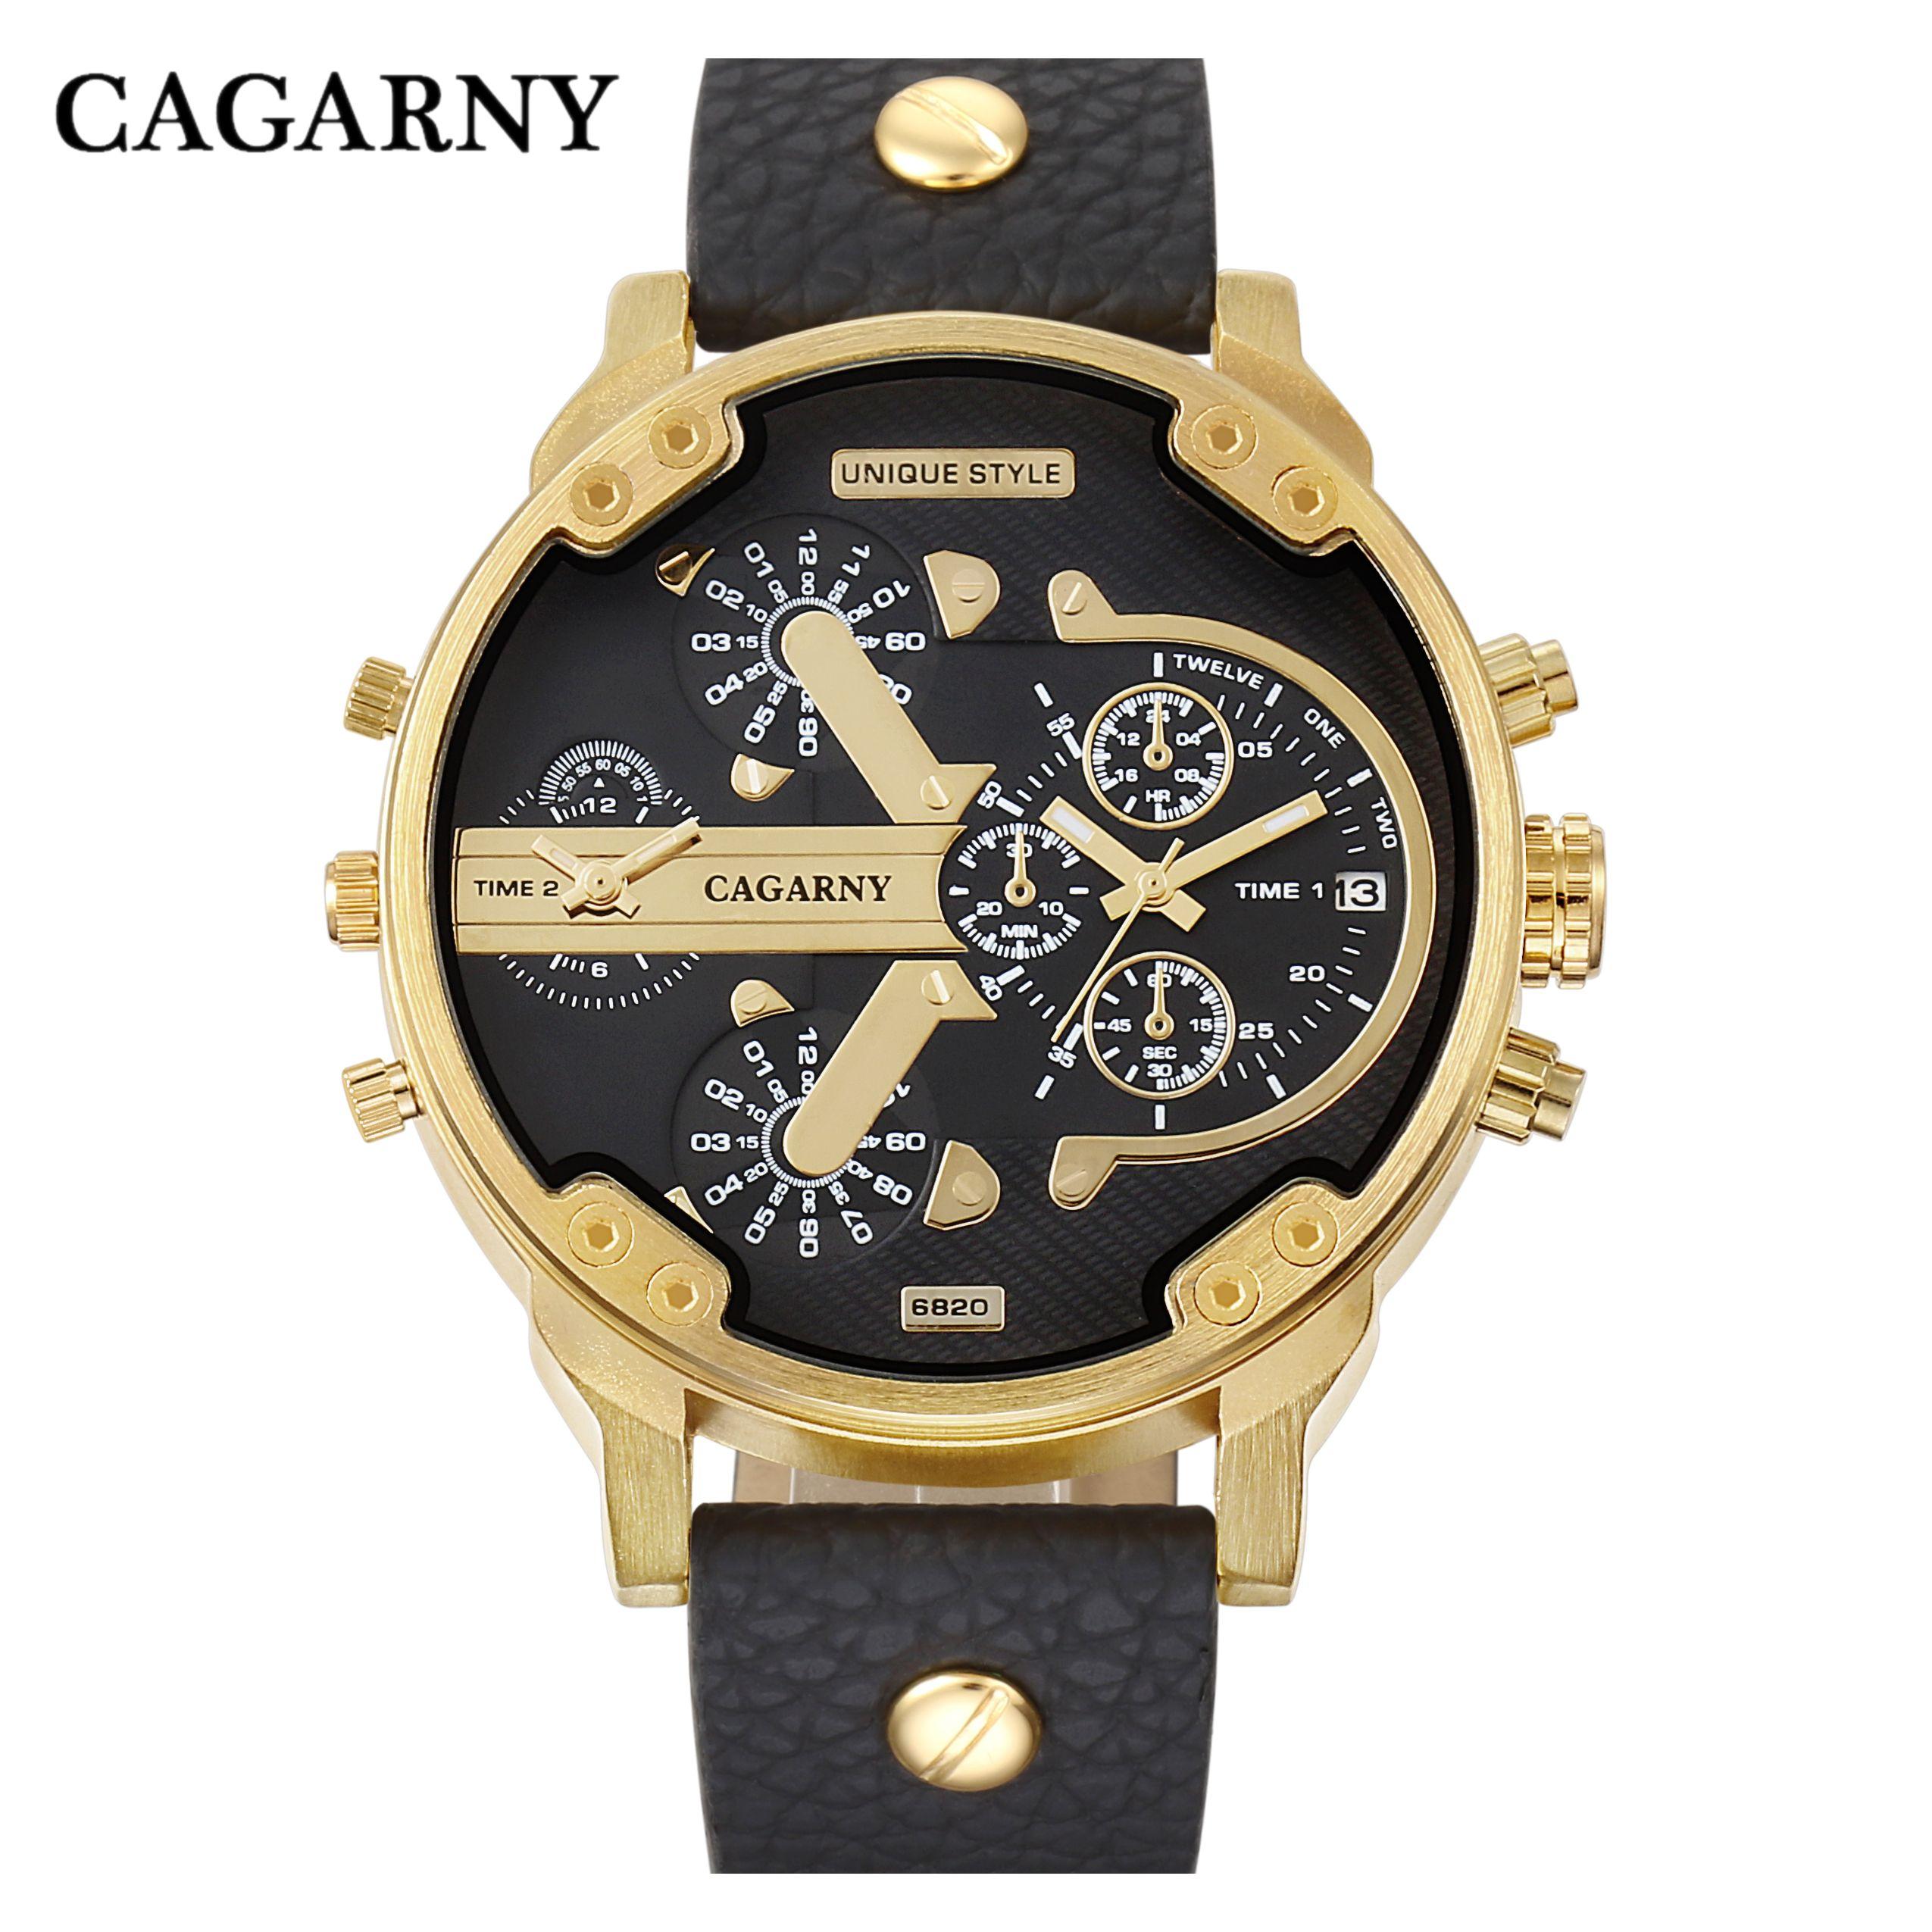 6773b4efc893 Compre Reloj Grande Hombre Militar Relojes Para Hombre Zonas Horarias Fecha  Reloj De Cuarzo Hombre Cuero Analógico Deporte Relogio Masculino Cagarny  D6820 A ...